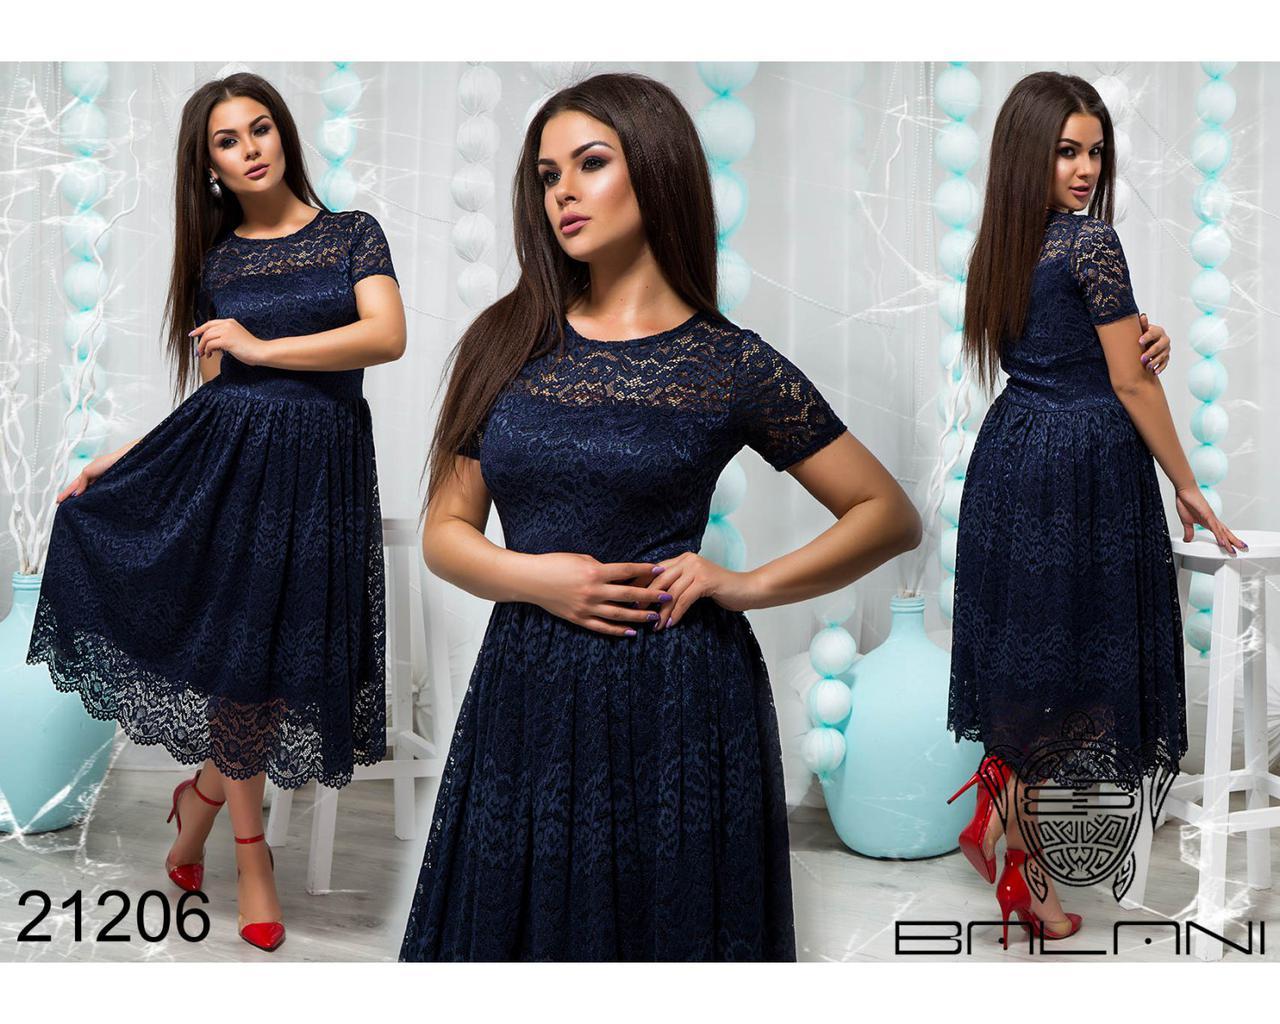 9047922ce0a7 Пышное гипюровое платье купить недорого от Производителя в интернет-магазине  Украина Россия СНГ р.